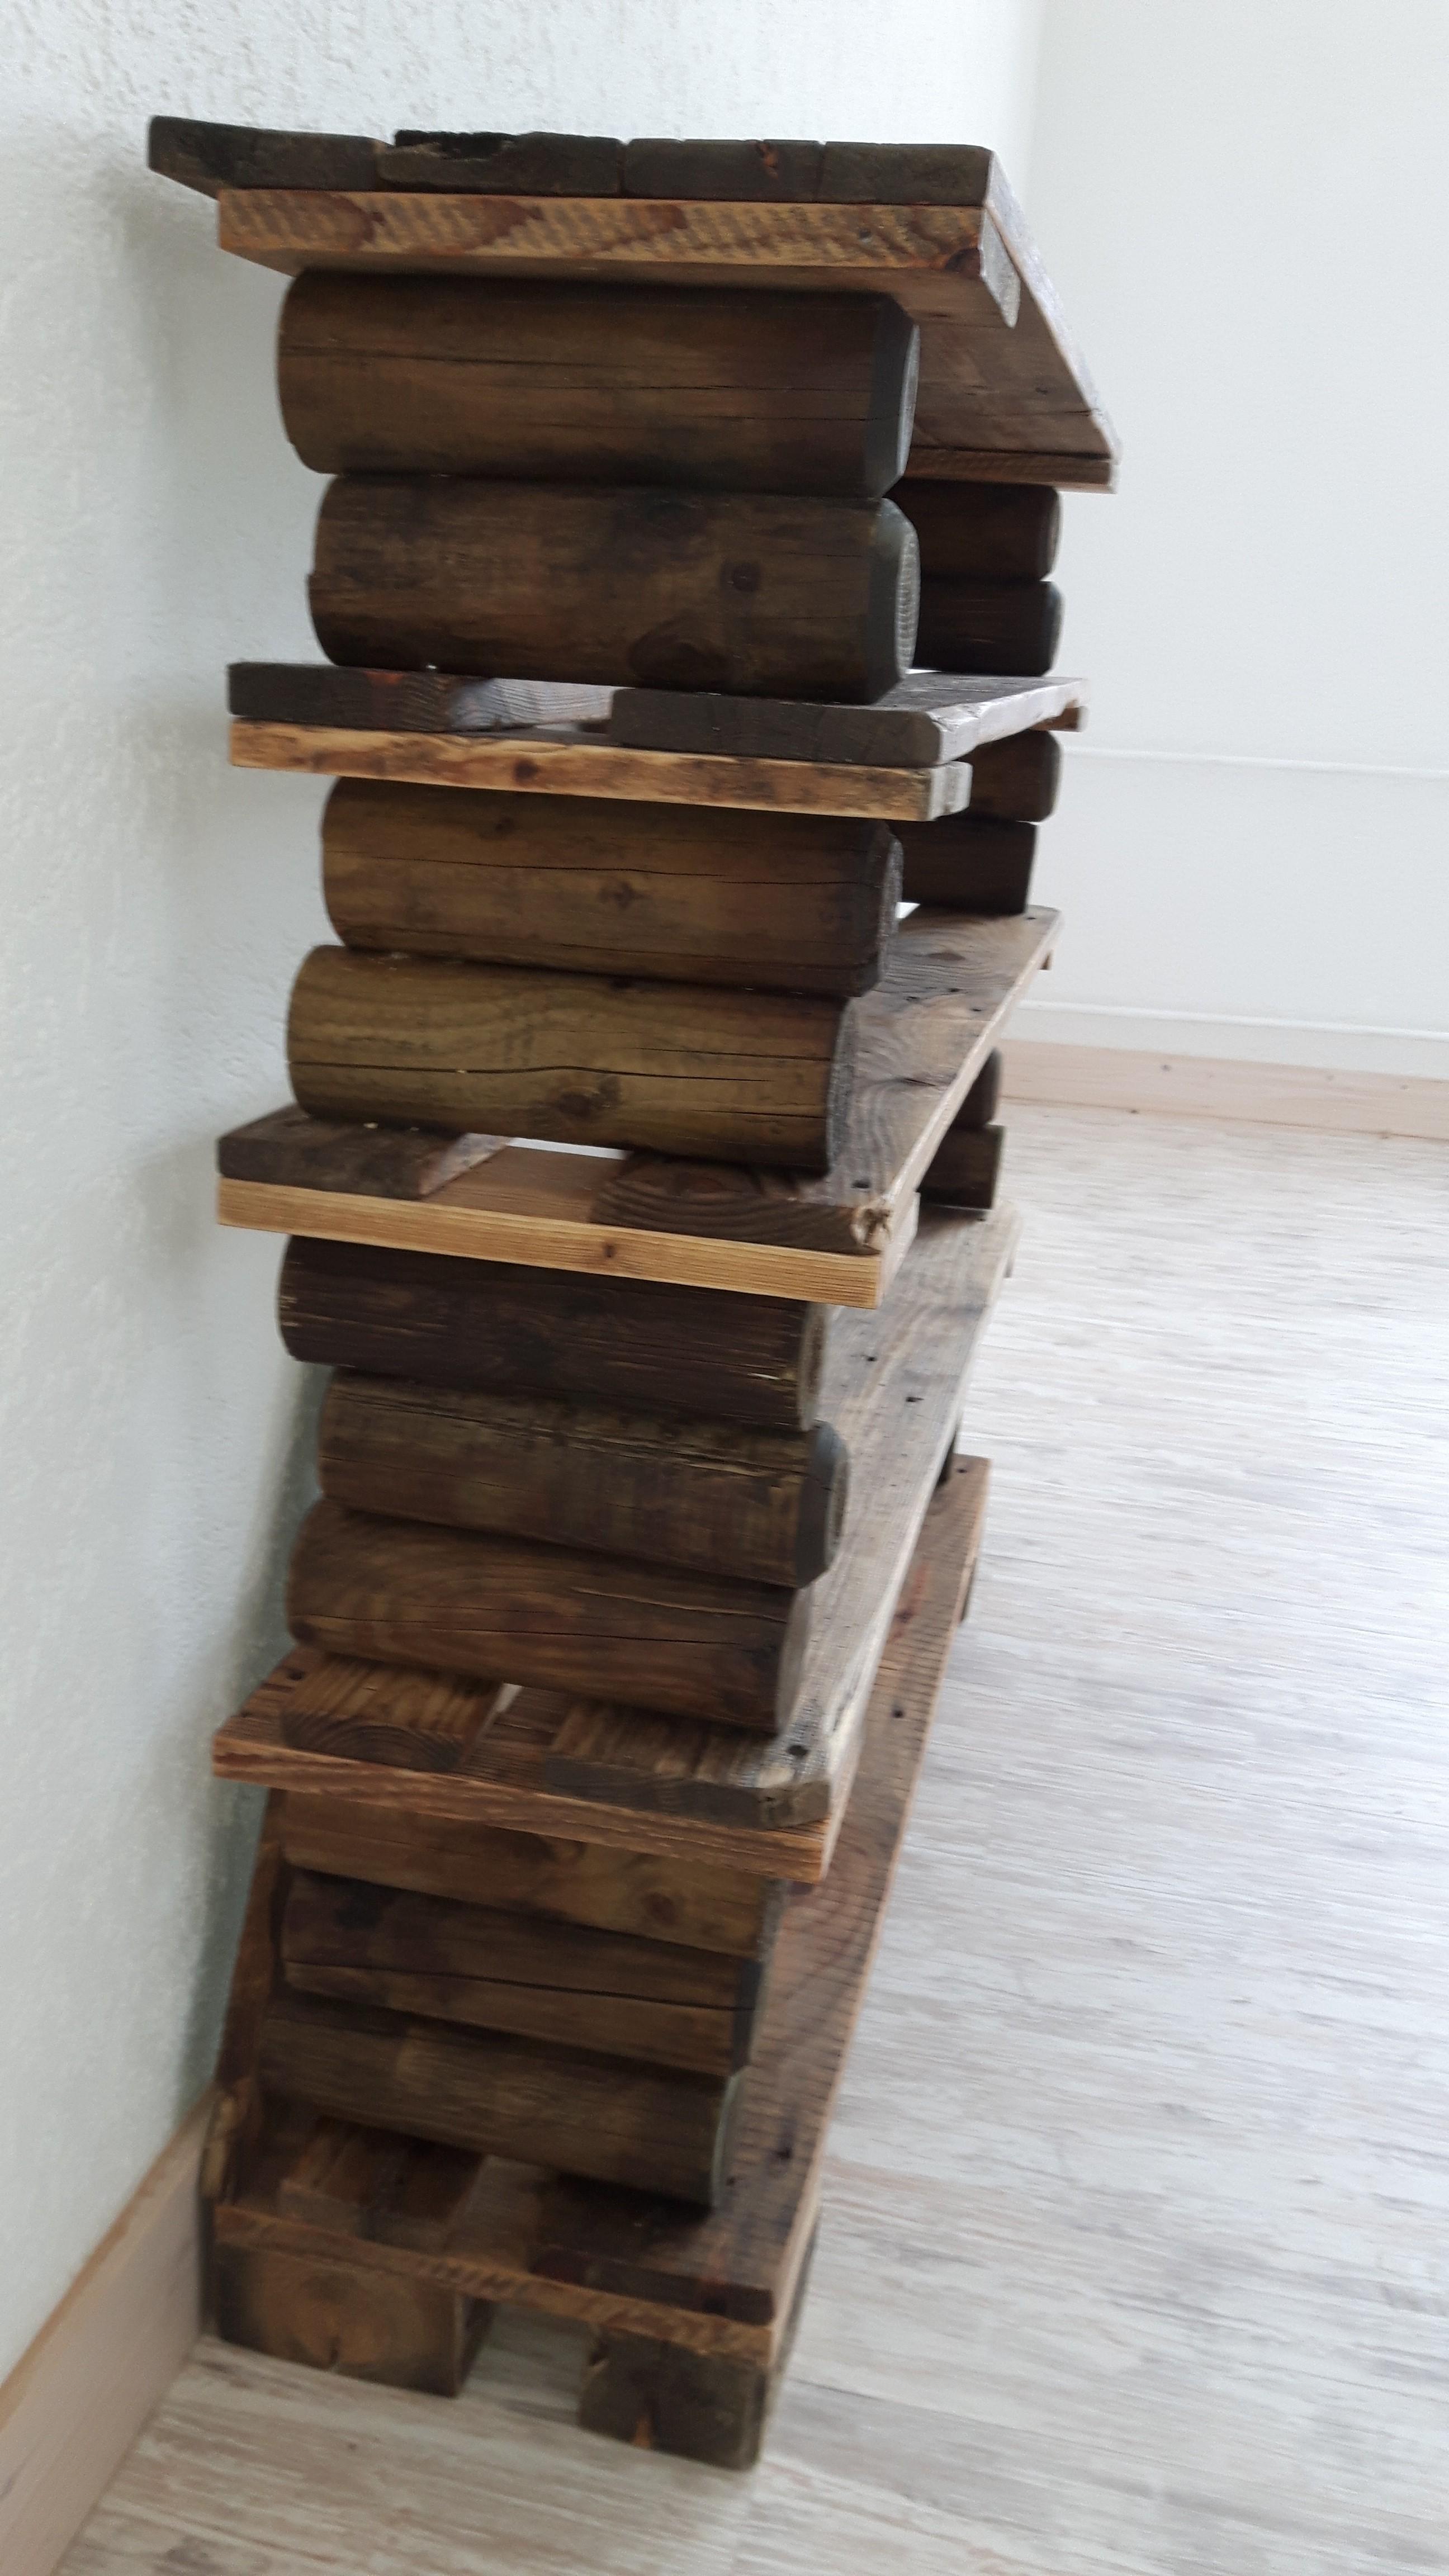 Schuhregal aus paletteneinzelteilen   woodart by b